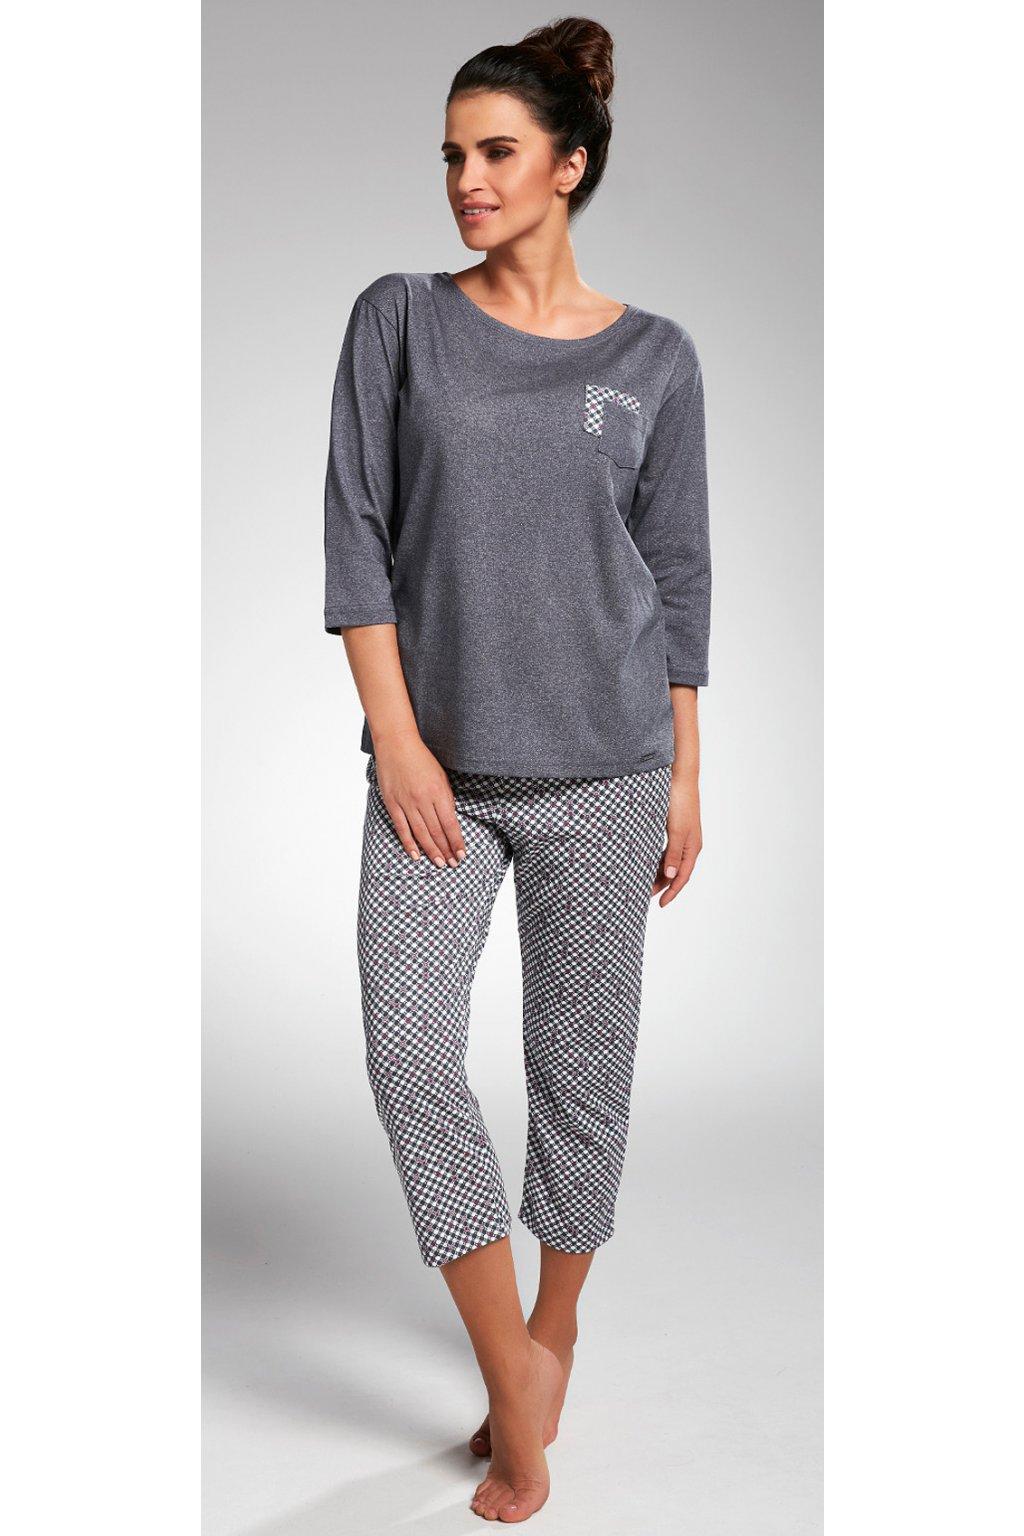 Dámské pyžamo Cornette 602/177